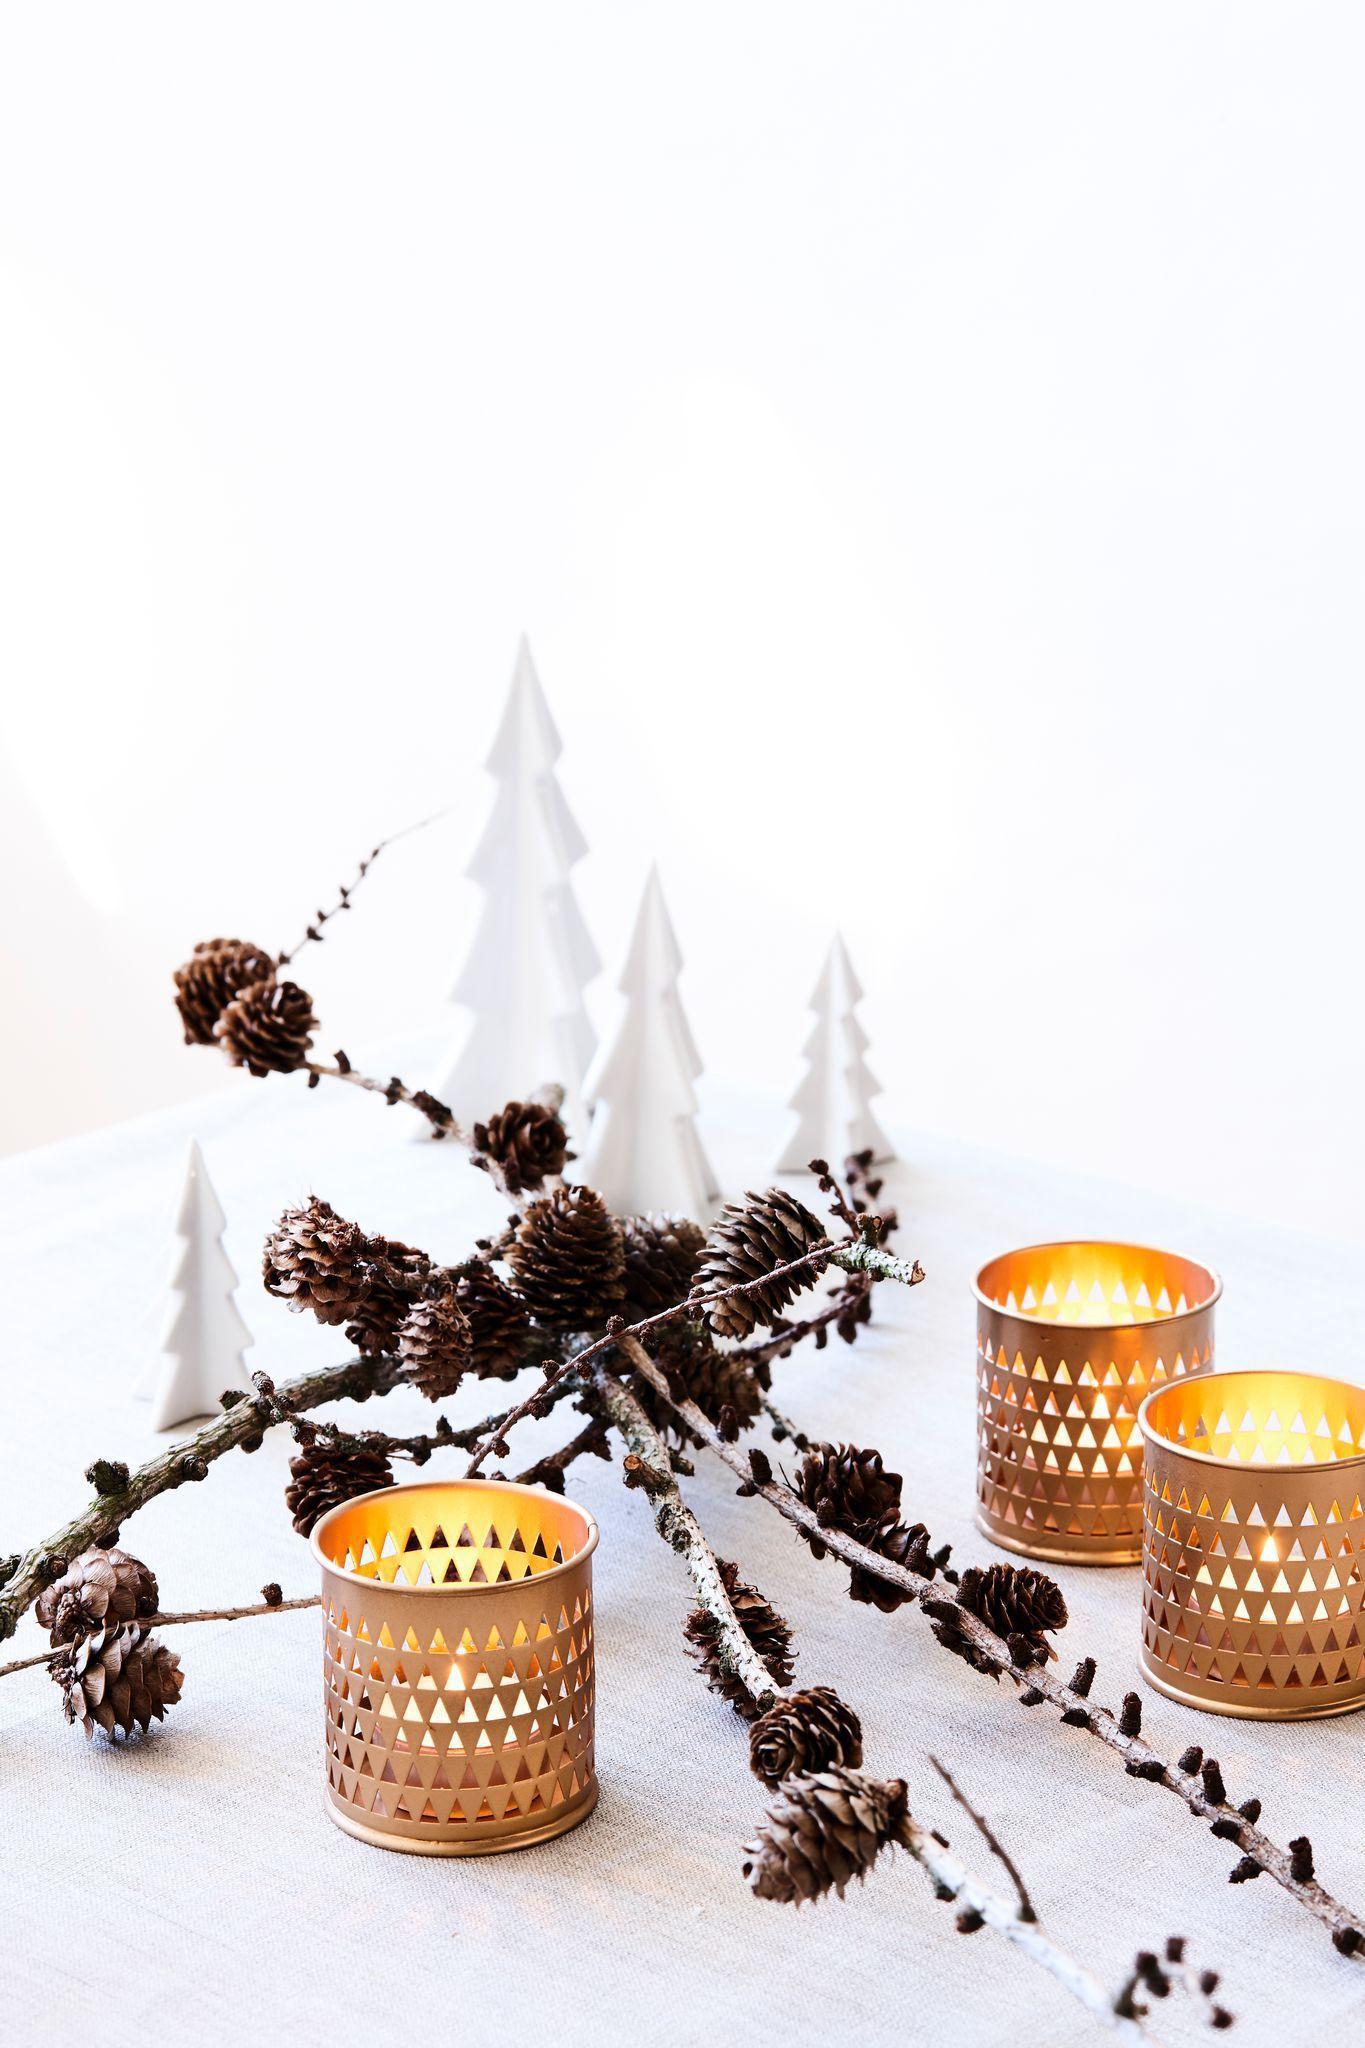 Créer une déco de Noël avec des branches d'arbre